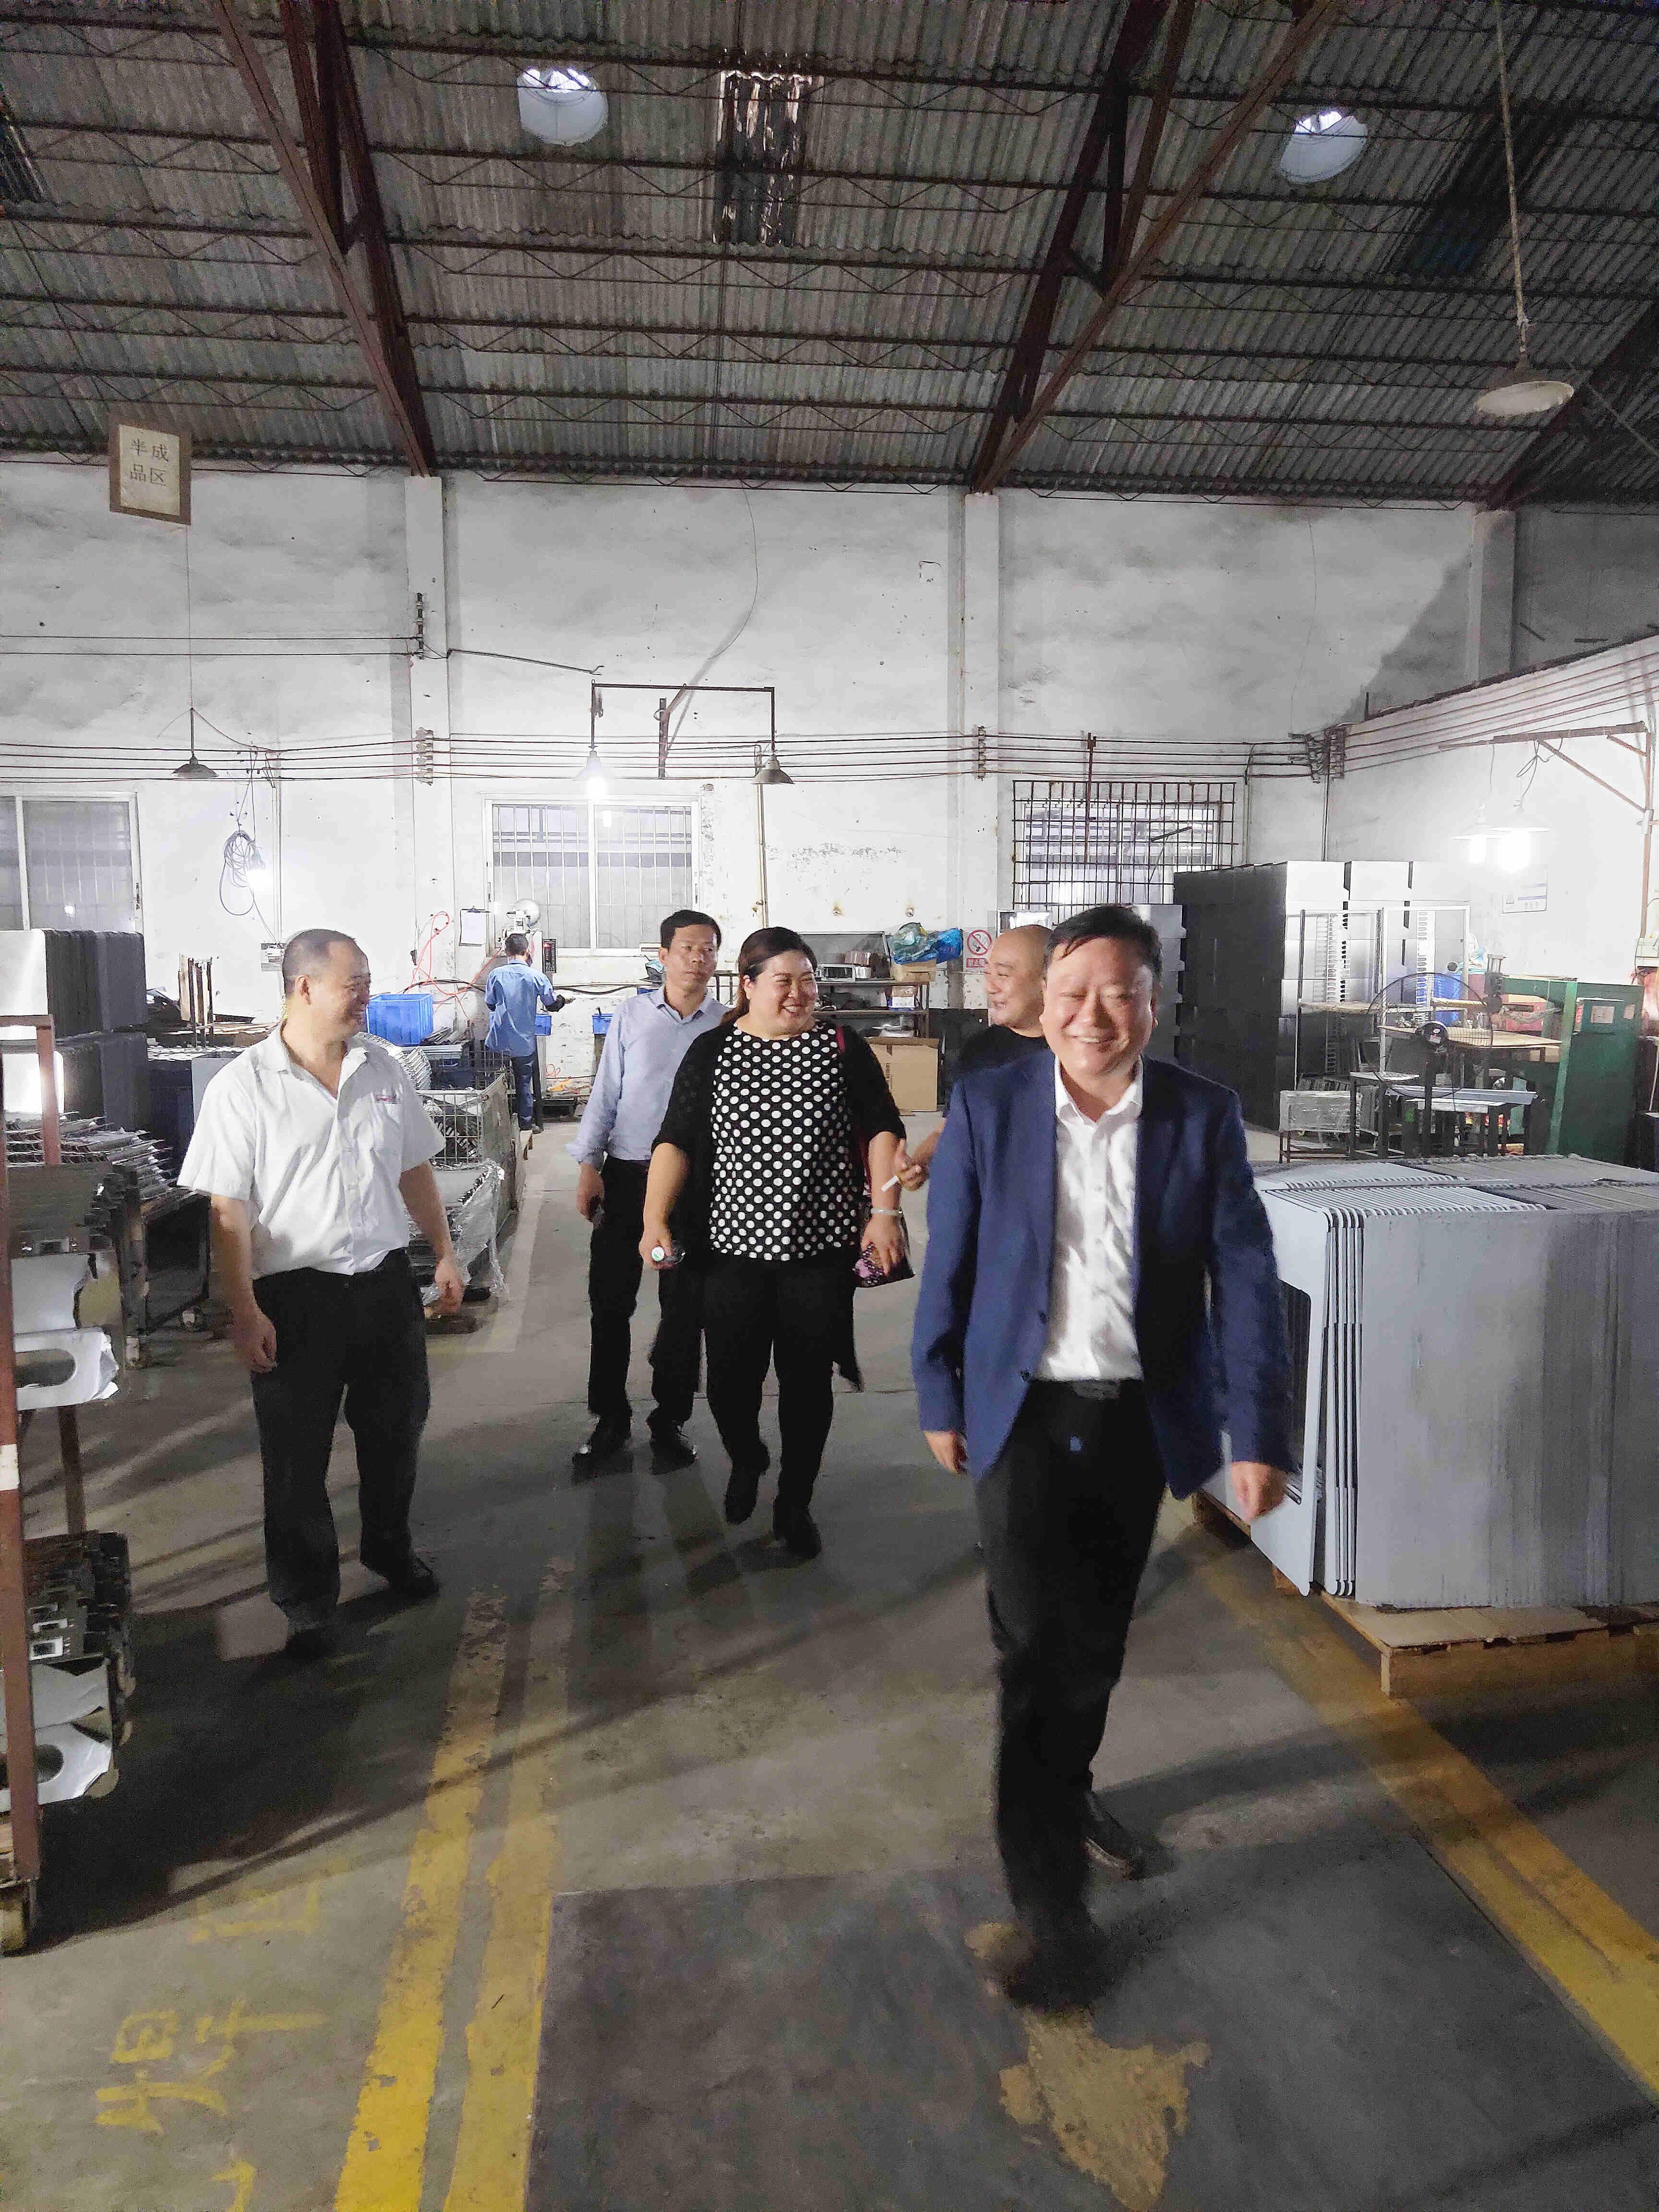 热烈欢迎湖北荆州市委领导莅临鑫奇集团调研考察工作